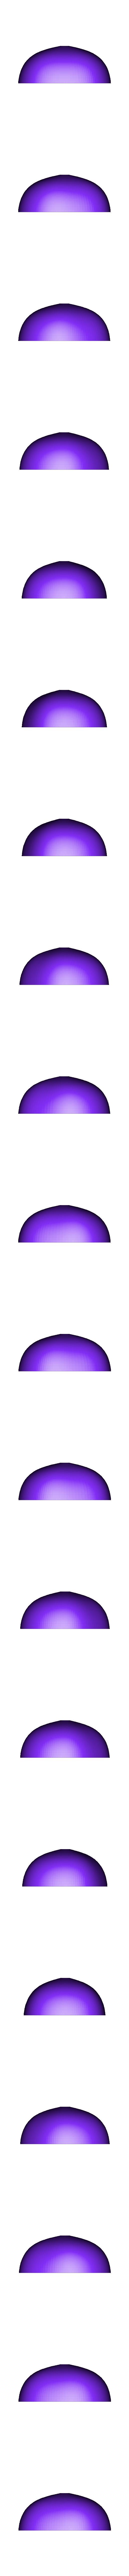 thimble1_part_2.stl Télécharger fichier STL gratuit Kara Kesh (arme de poing goa'uld) • Plan pour imprimante 3D, poblocki1982